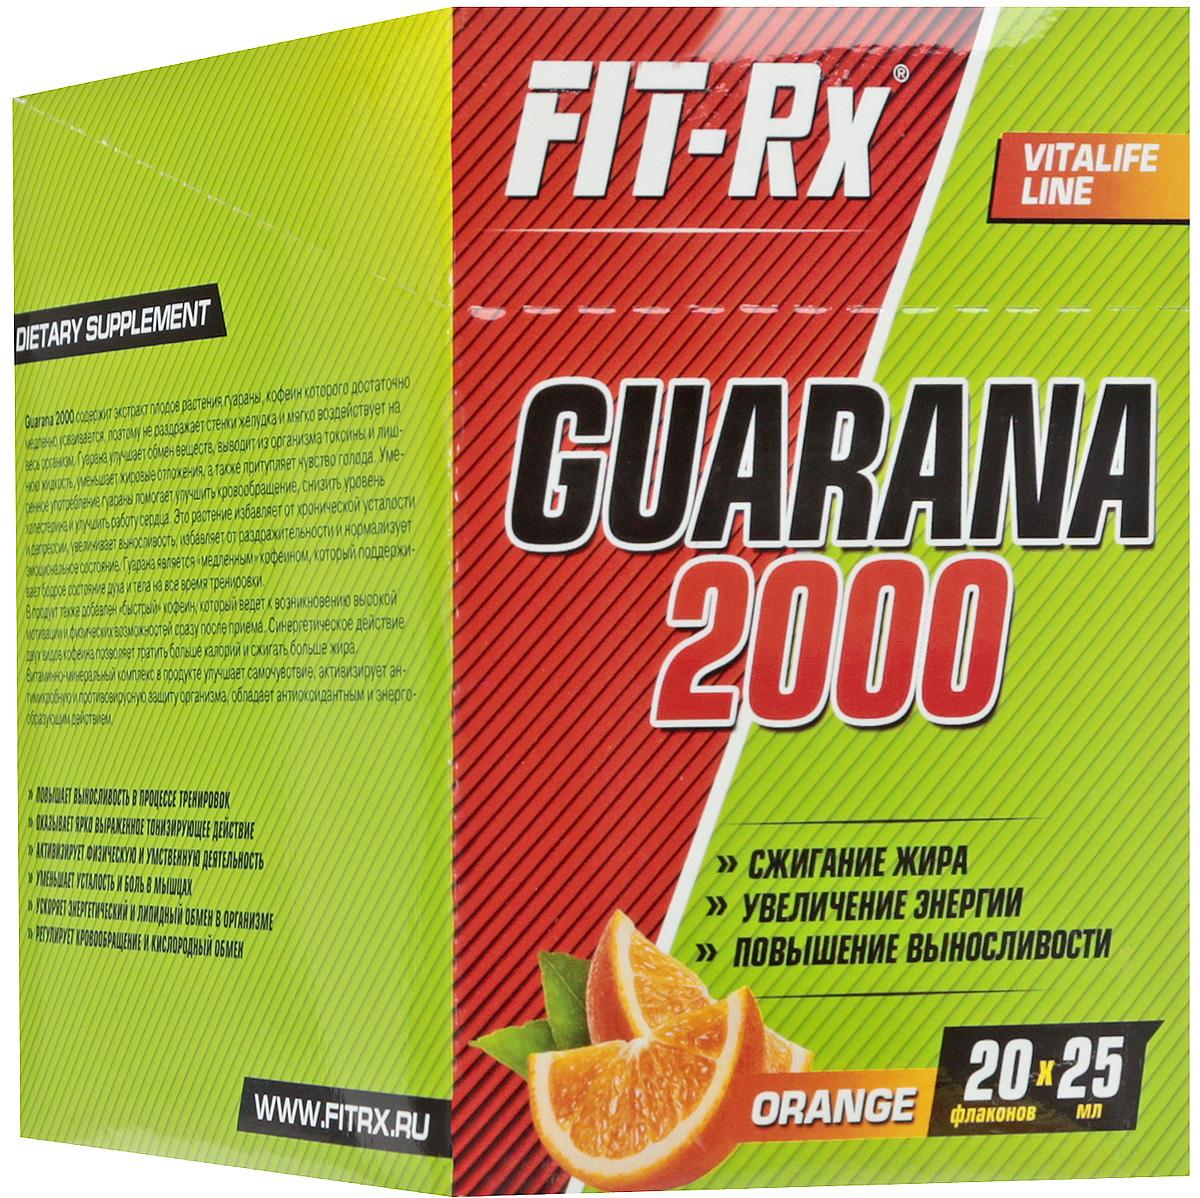 Энергетический напиток FIT-Rx Guarana 2000, апельсин, 20 шт х 25 млRUC-01Энергетический напиток FIT-Rx Guarana 2000 содержит экстракт плодов растения гуараны, кофеин которого достаточно медленно усваивается, поэтому не раздражает стенки желудка и мягко воздействует на весь организм. Гуарана улучшает обмен веществ, выводит из организма токсины и лишнюю жидкость, уменьшает жировые отложения, а также притупляет чувство голода. Умеренное употребление гуараны помогает улучшить кровообращение, снизить уровень холестерина и улучшить работу сердца. Это растение избавляет от хронической усталости и депрессии, увеличивает выносливость, избавляет от раздражительности и нормализует эмоциональное состояние. Гуарана является медленным кофеином, который поддерживает бодрое состояние духа и тела на все время тренировки.В продукт также добавлен быстрый кофеин, который ведет к возникновению высокой мотивации и физических возможностей сразу после приема. Синергетическое действие двух видов кофеина позволяет тратить больше калорий и сжигать больше жира.Витаминно-минеральный комплекс в продукте улучшает самочувствие, активизирует антимикробную и противовирусную защиту организма, обладает антиоксидантным и энергообразующим действием.Состав: вода подготовленная, вкусо-ароматическая основа Гуарана (вода, регулятор кислотности лимонная кислота, краситель сахарный колер IV, кофеин, экстракт гуараны, антиокислитель аскорбиновая кислота, консервант бензоат натрия, инвертный сироп), ароматизатор Апельсин, комплексная пищевая добавка Thixogum S (смола акации, загуститель ксантановая камедь), подсластитель сукралоза, витаминный премикс (витамин С, витамин В1, витамин В2, витамин В12, фолиевая кислота, биотин).Пищевая ценность 1 порции (1 флакон): экстракт гуараны - 2000 мг, кофеин 200 мг, витамин С - 5,3 мг, витамин Е - 1,3 мг, витамин - В1 - 0,18 мг, витамин В2 - 0,17 мг, витамин В6 - 0,23 мг, витамин В12 - 0,10 мкг, фолиевая кислота - 35,2 мкг, биотин - 13,2 мкг, ниацин - 1,57 мг, пантотеновая 